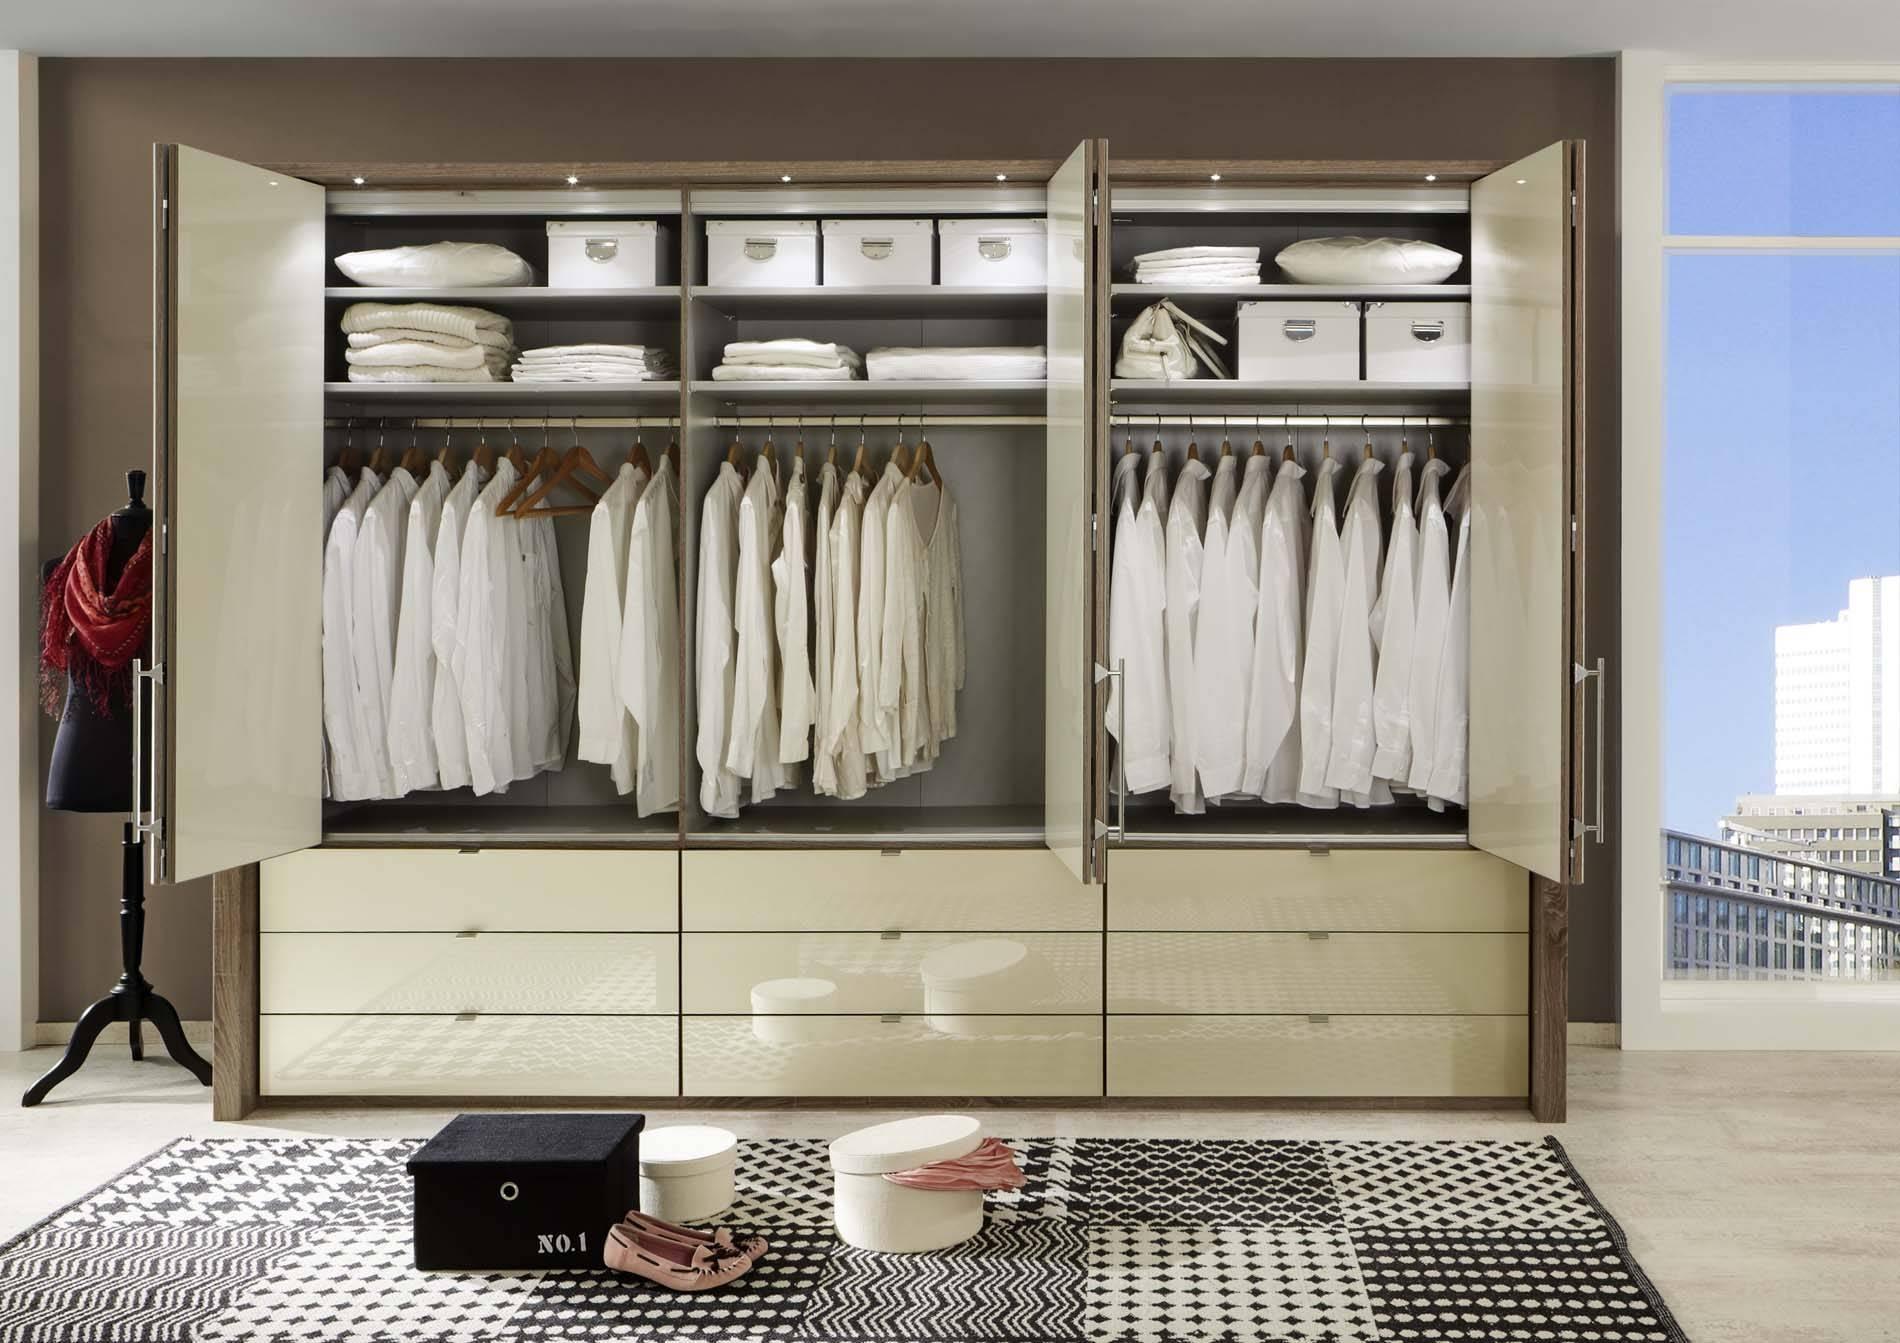 Kensington 6 Door 9 Drawer Wardrobe | Crendon Beds Inside 6 Door Wardrobes Bedroom Furniture (View 4 of 15)